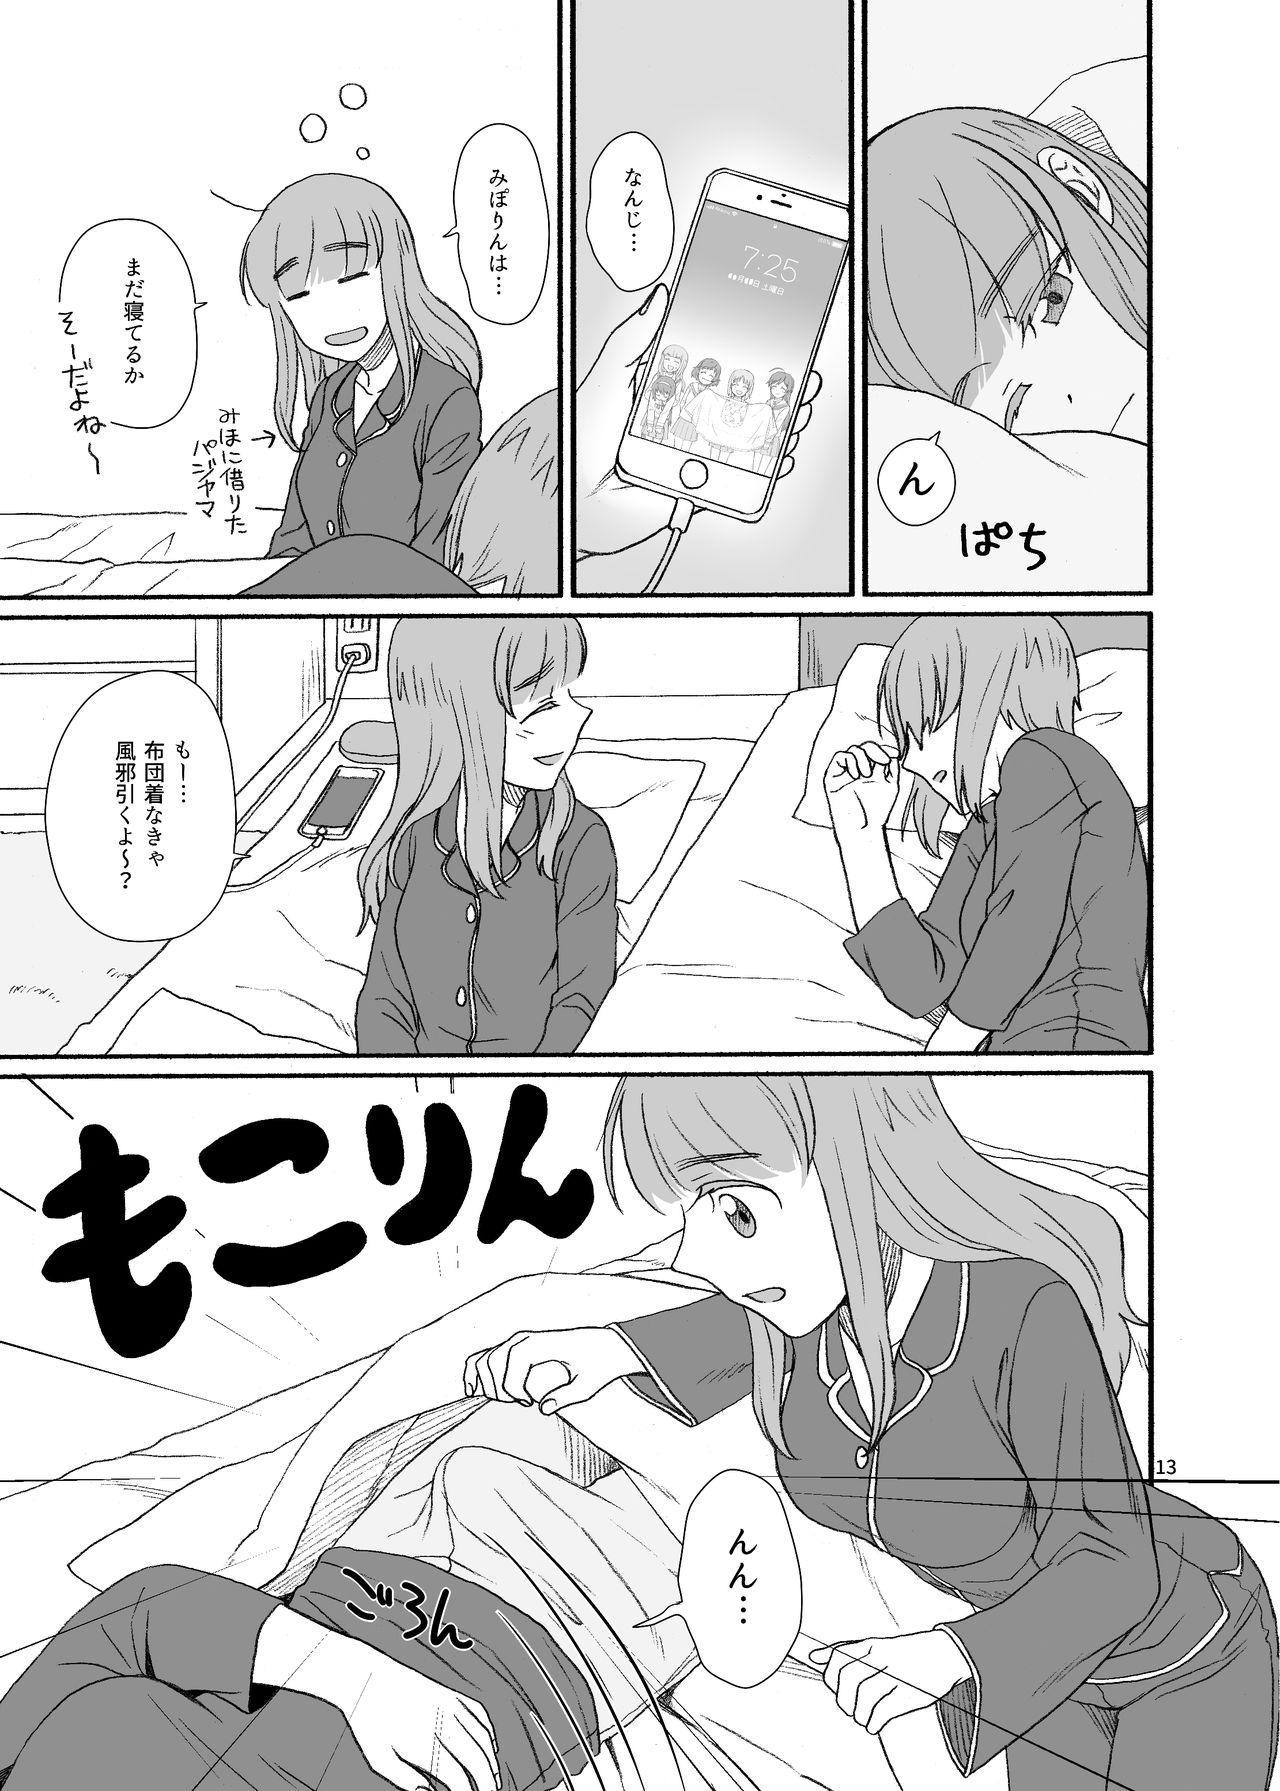 Saori-san, Tsukiatte Kudasai! 11